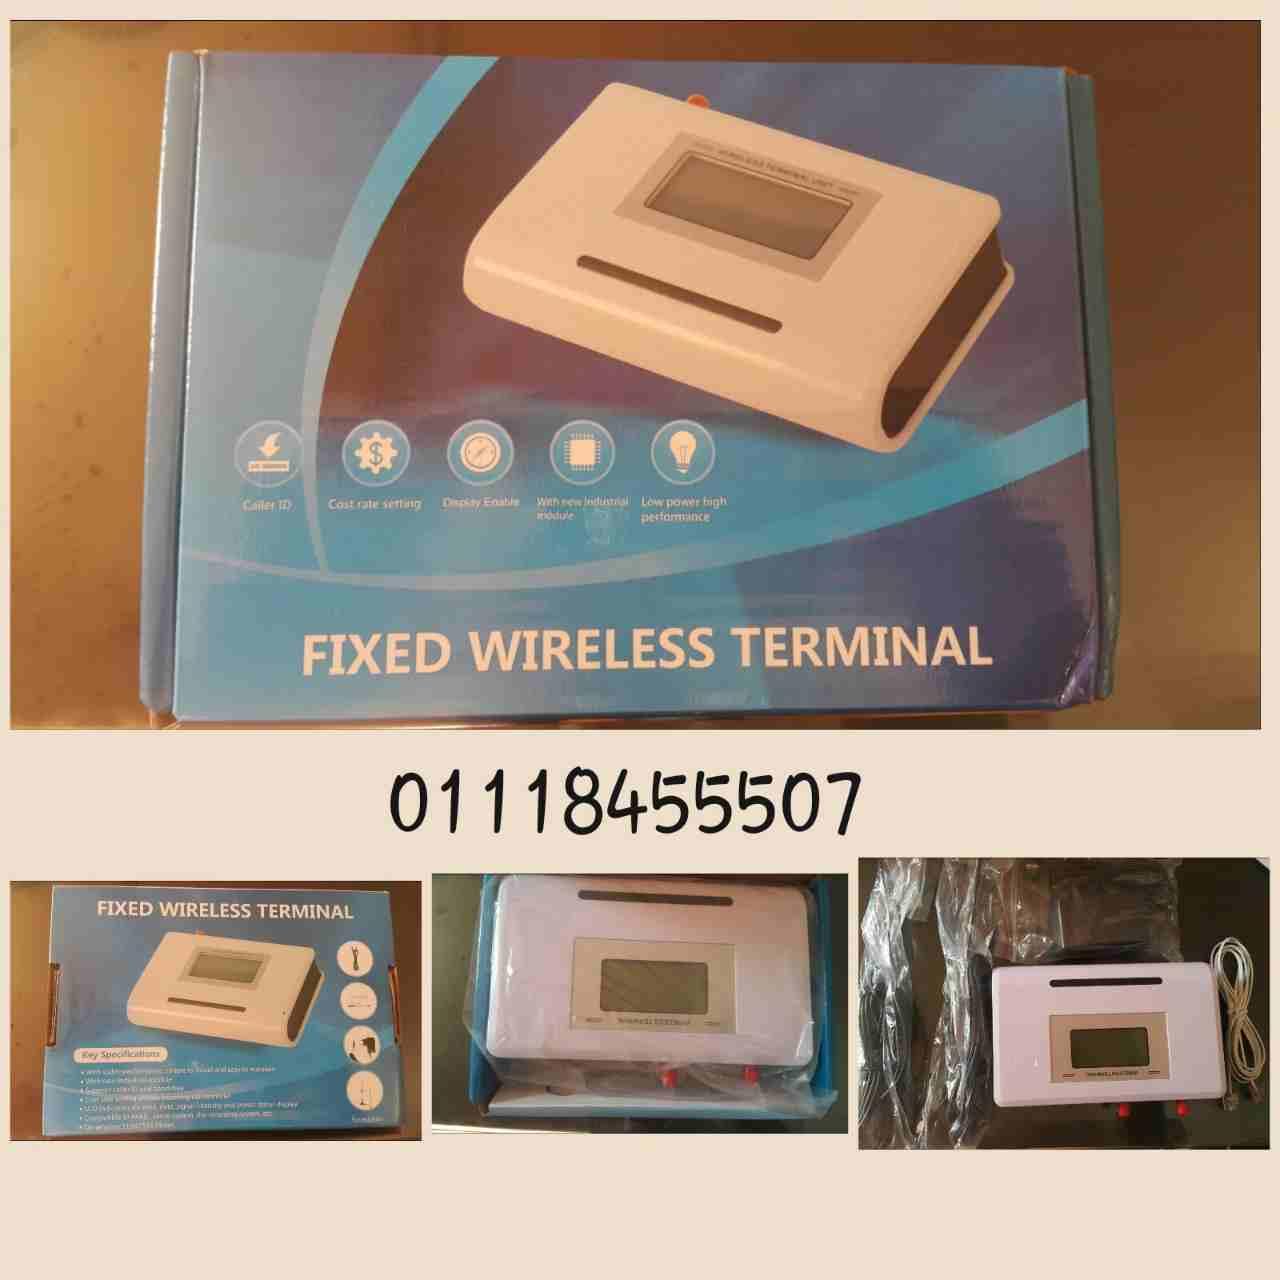 اجهزة كشف الذهب والمعادن من شركة برايزوم للتكنولوجيانحن شركة برايزوم للتكنولوجيا .. الش-  FIXED WIRELESS TERMINAL...